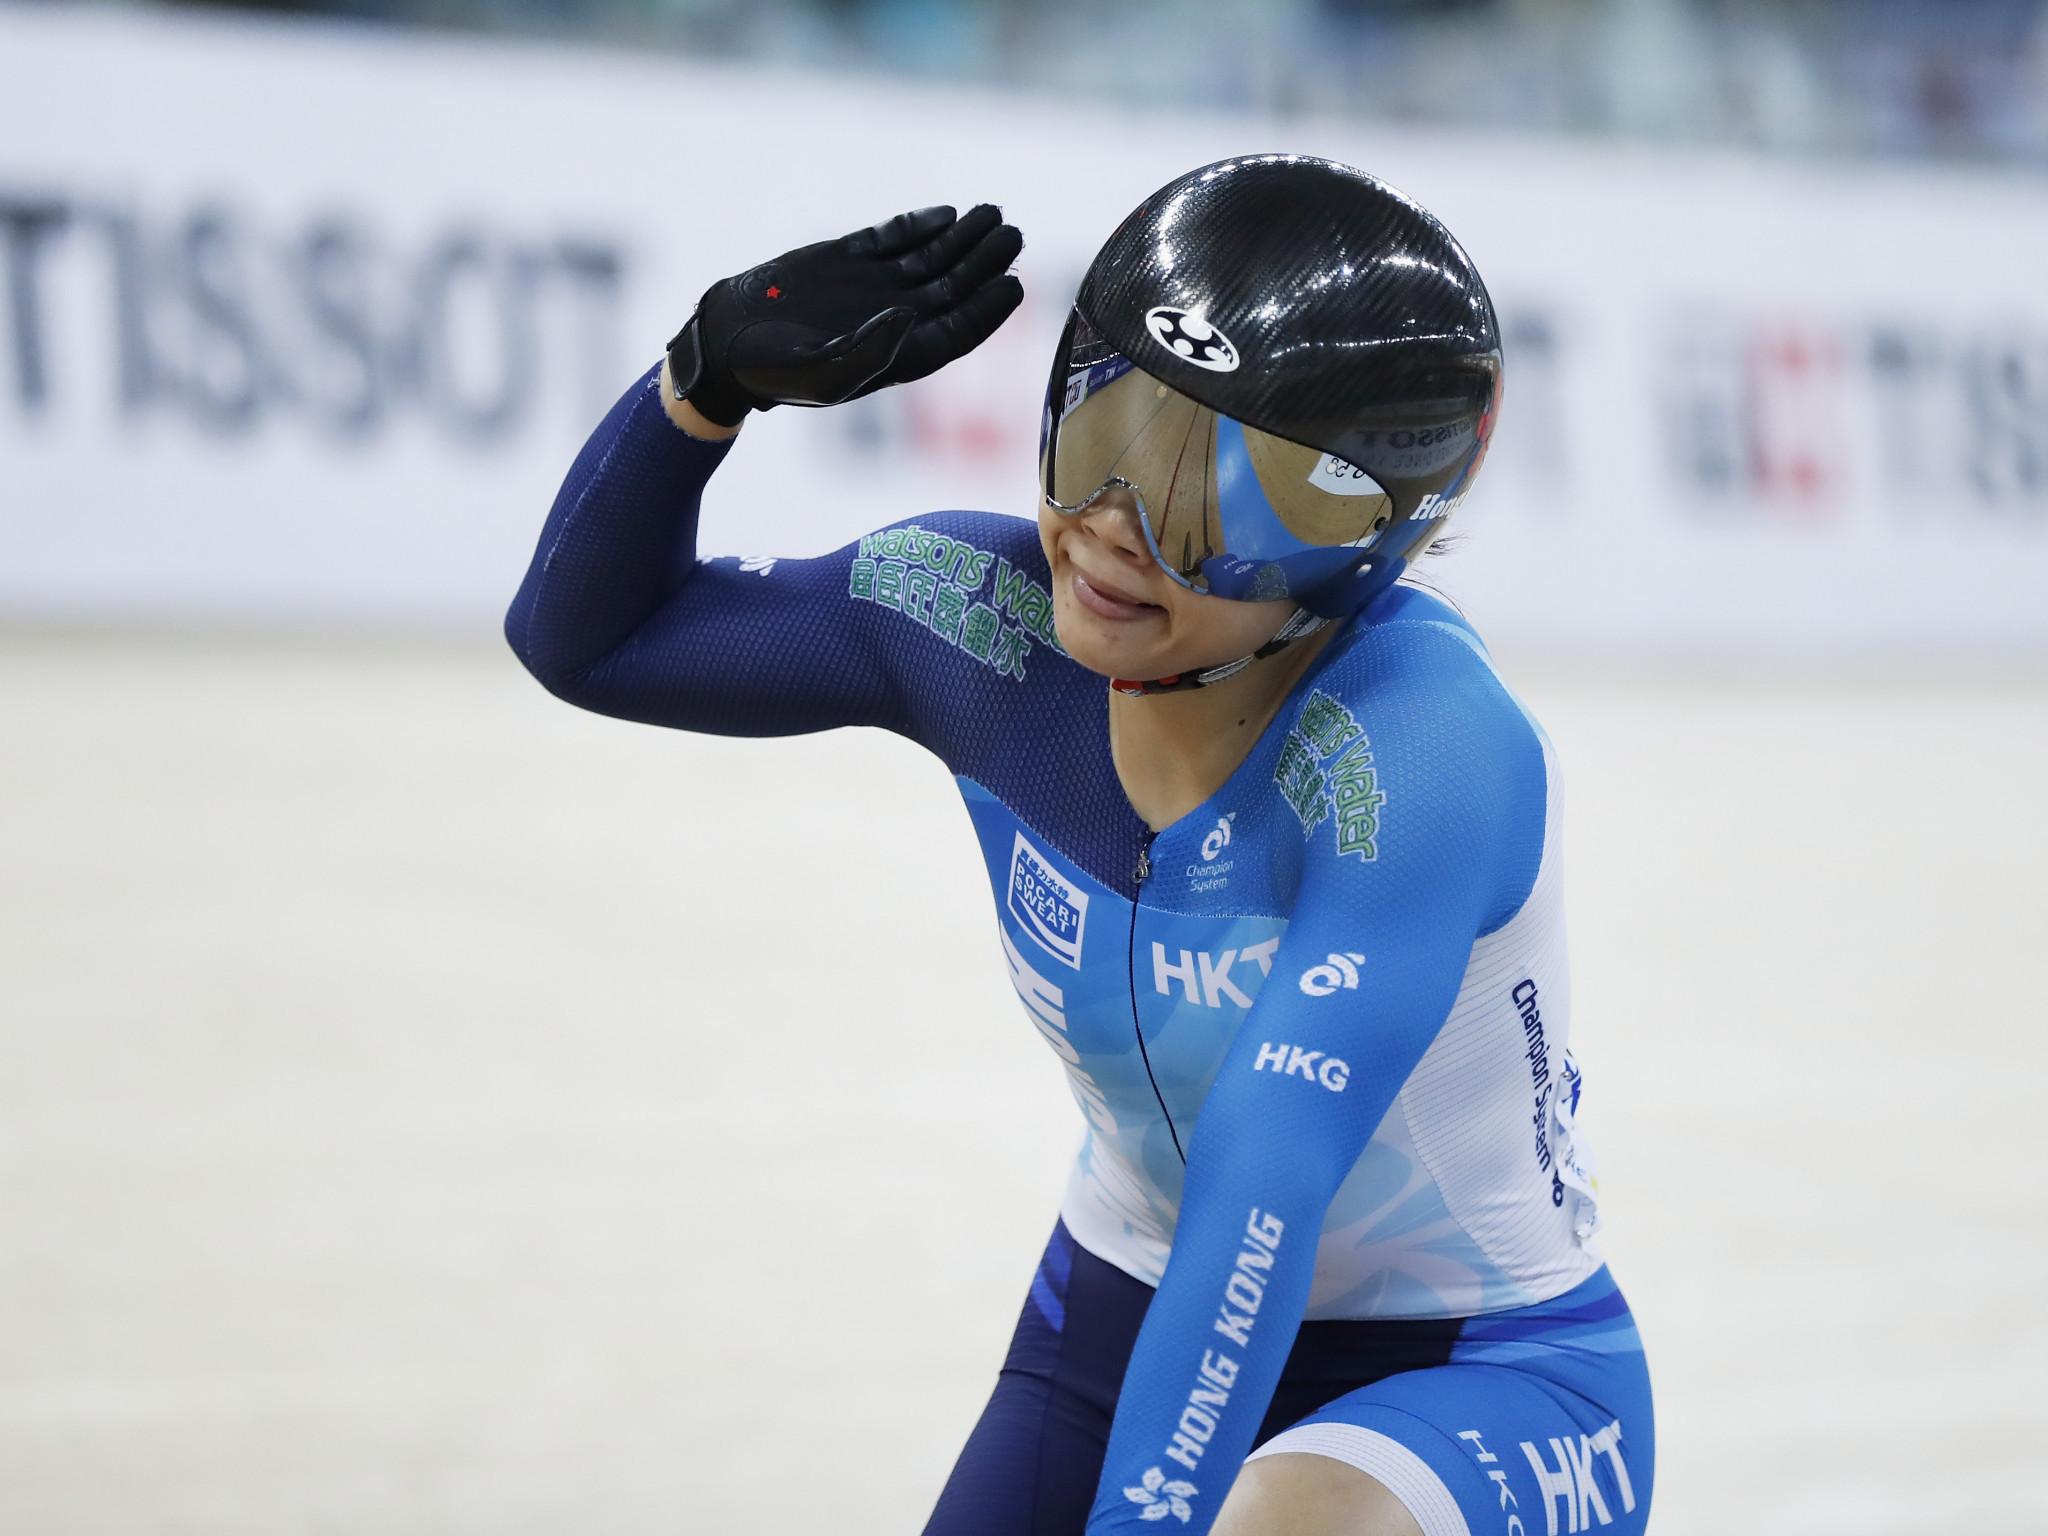 Hong Kong's Lee secures women's sprint track cycling gold at Ashgabat 2017